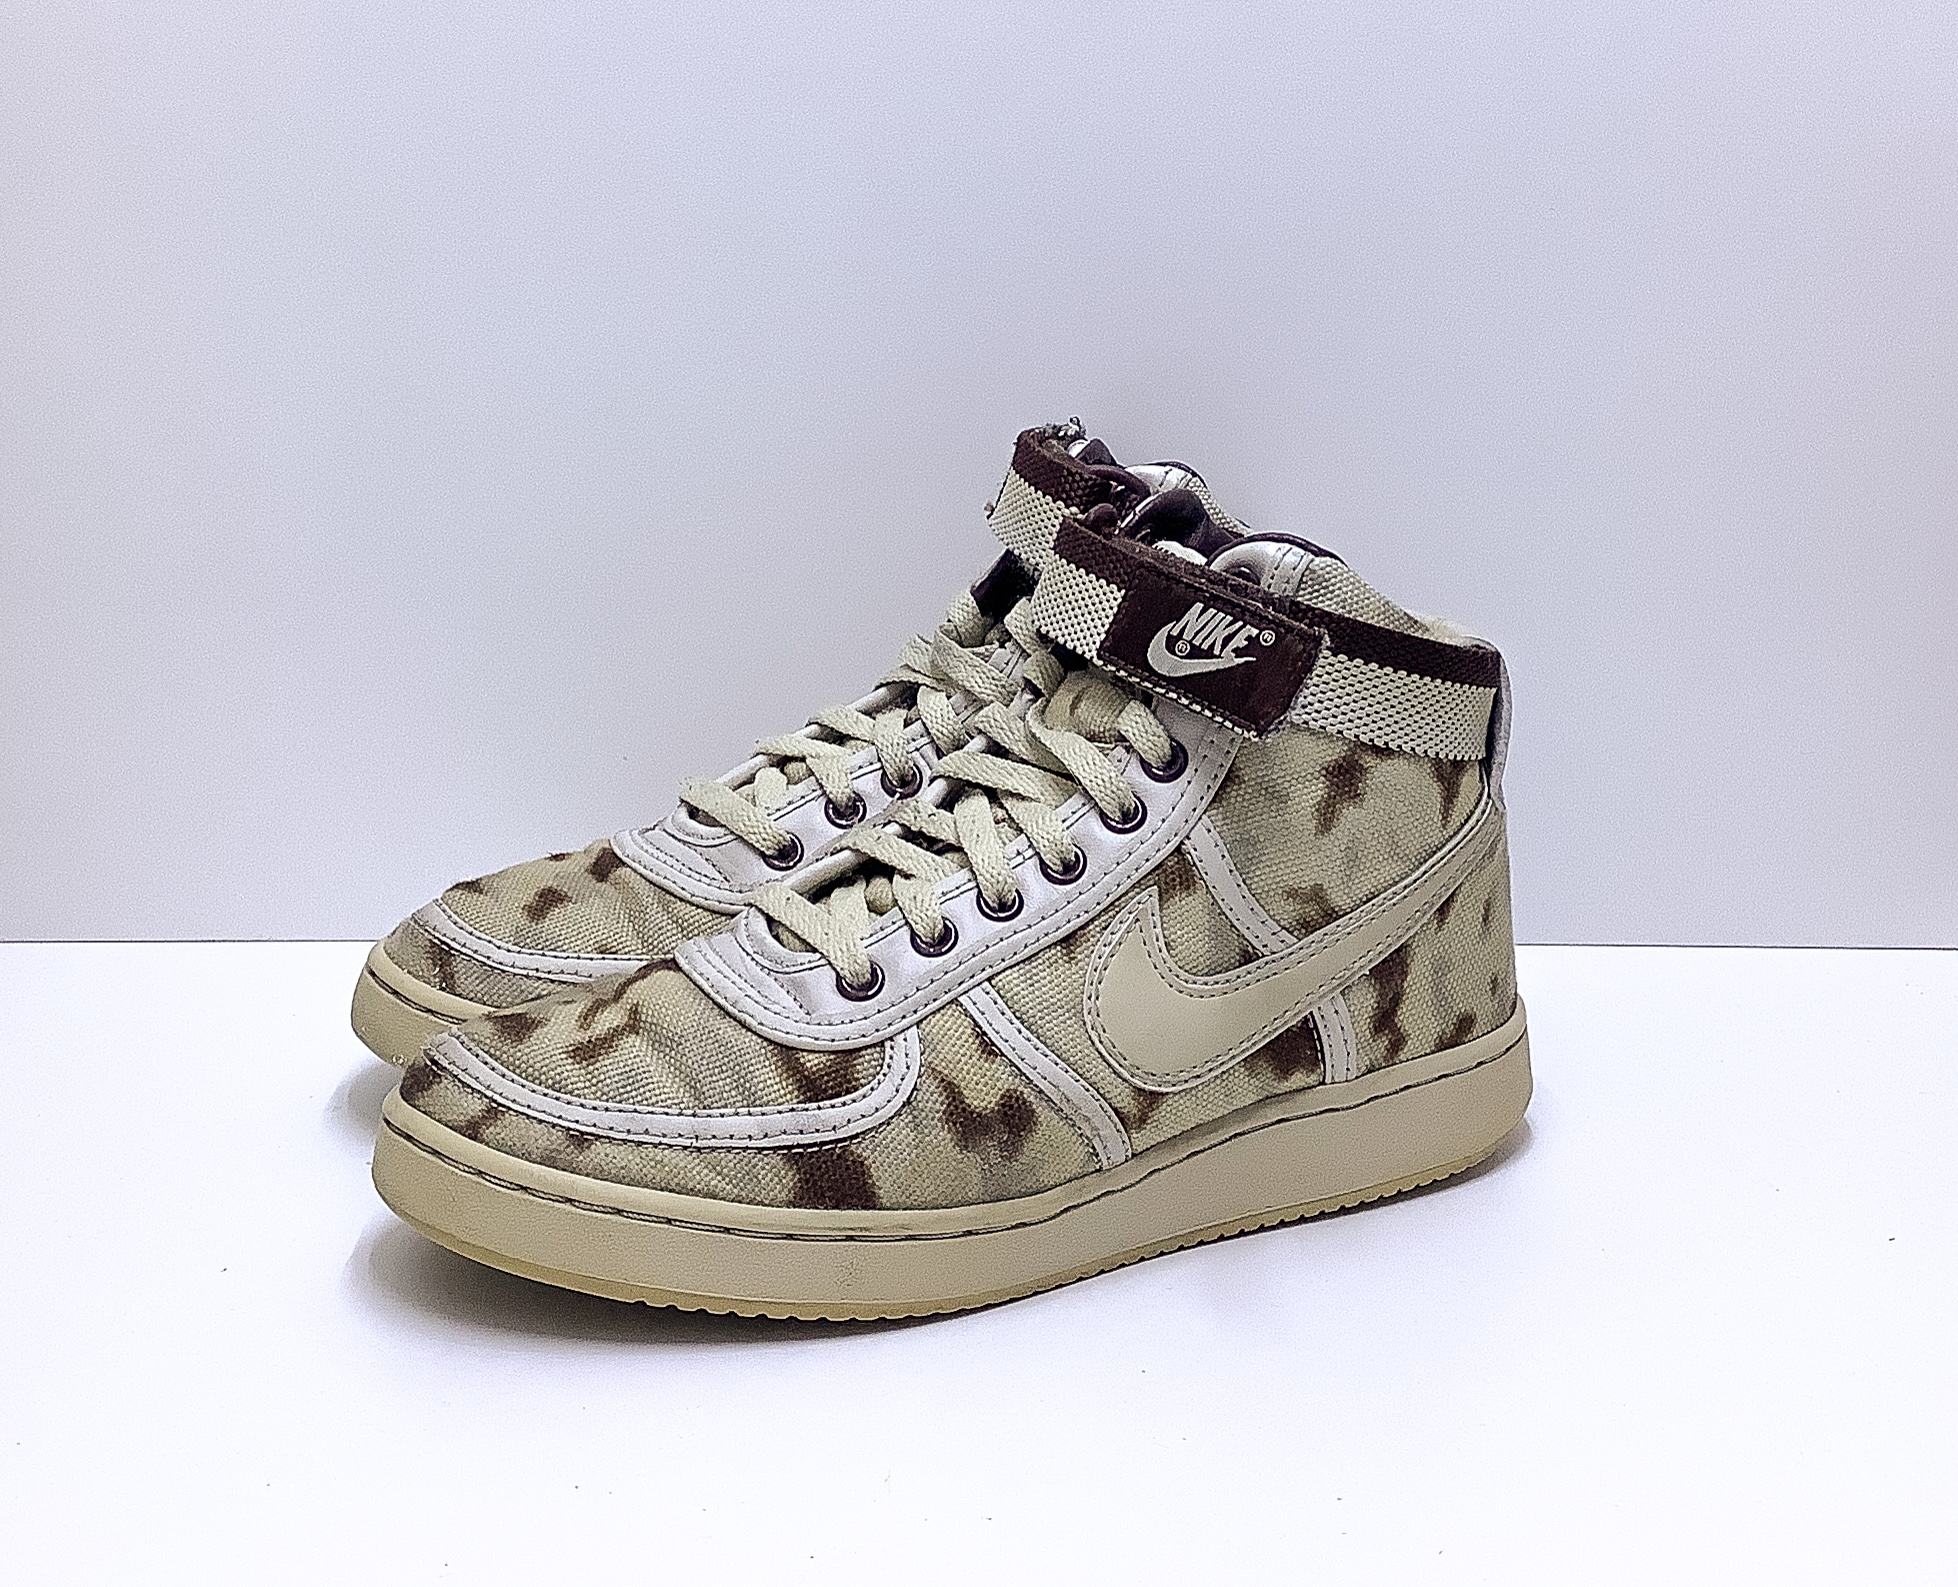 Nike Vandal Supreme Premium